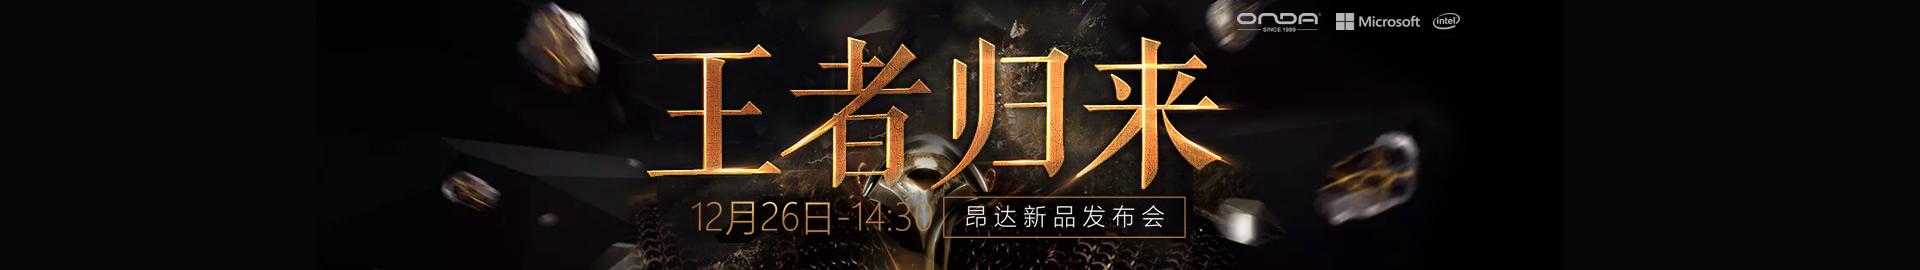 王者归来 昂达12.26新品发布会图文直播